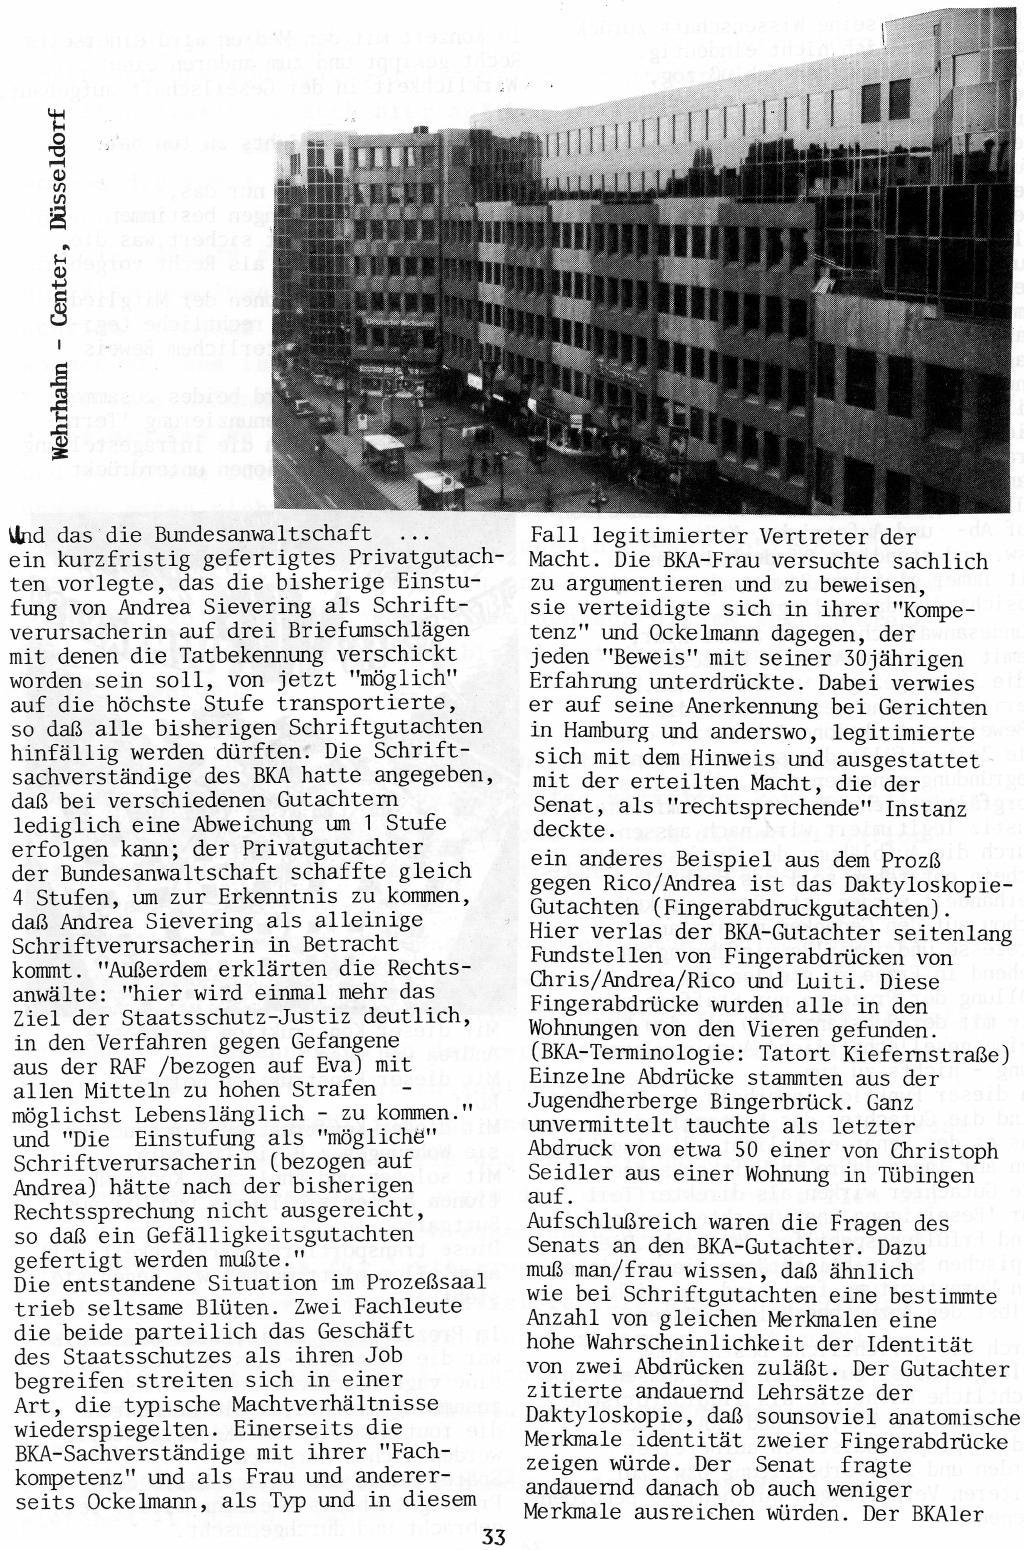 Duesseldorf_1989_Sechs_Politische_Gefangene_033